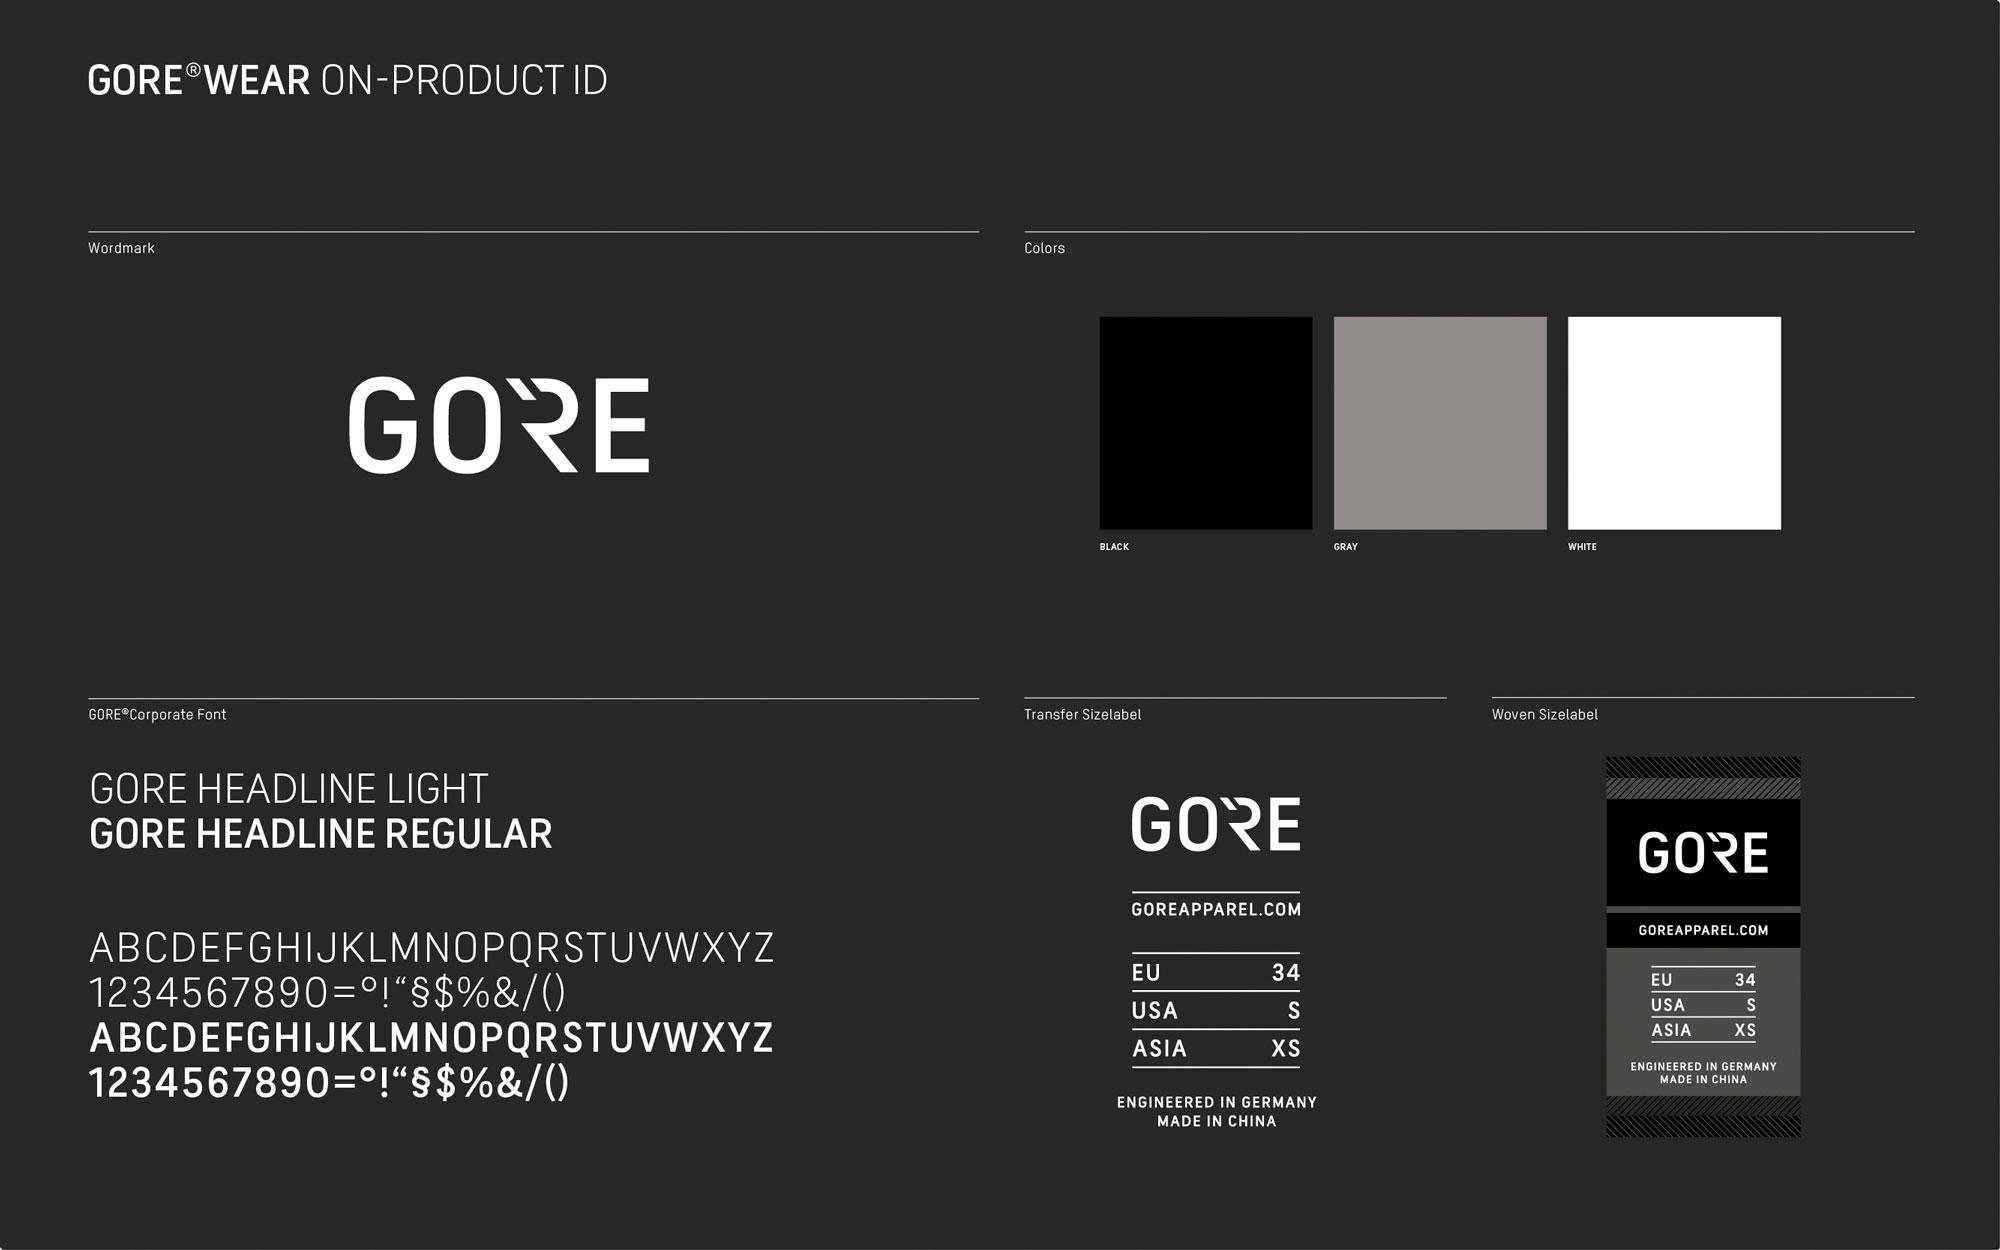 gore_web_1